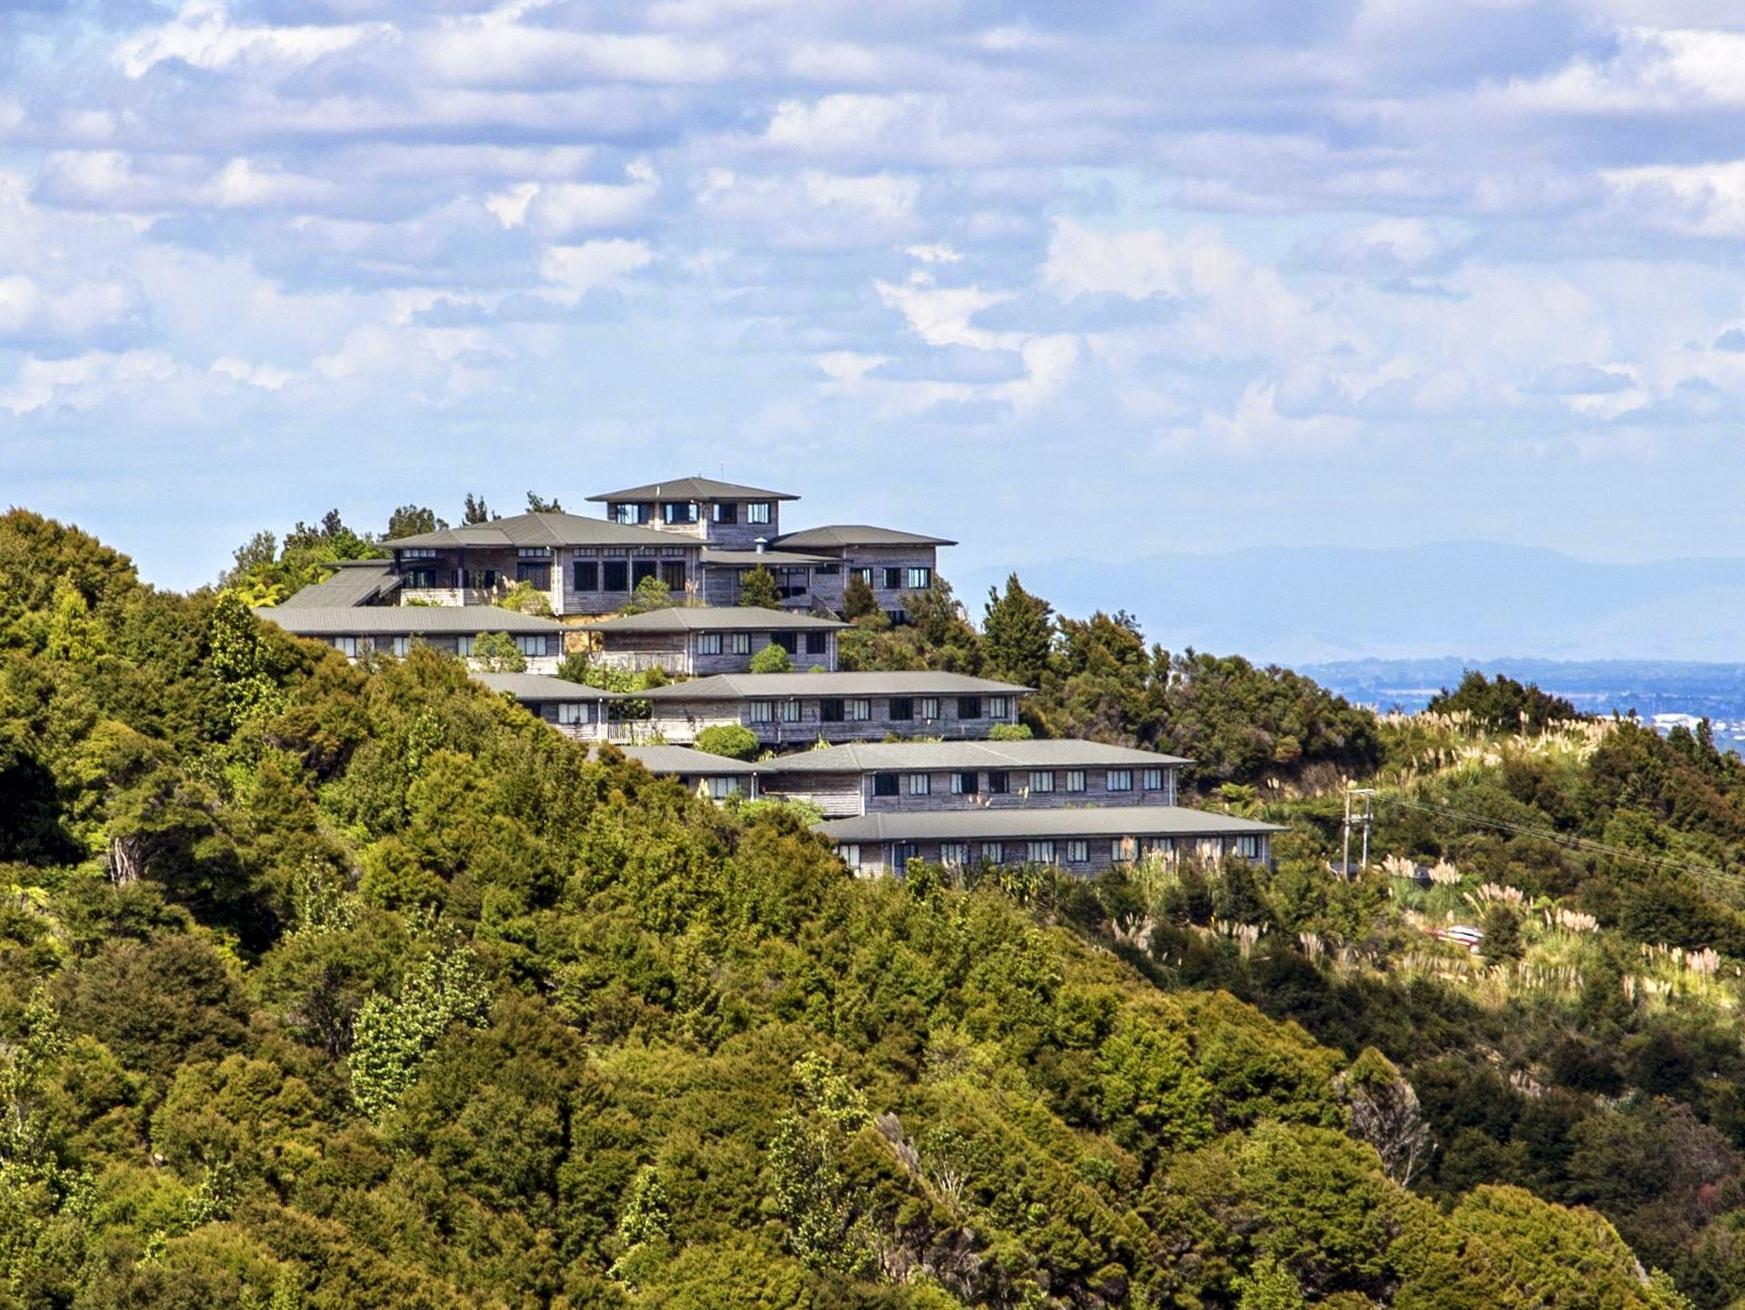 Hillside Hotel And Nature Resort